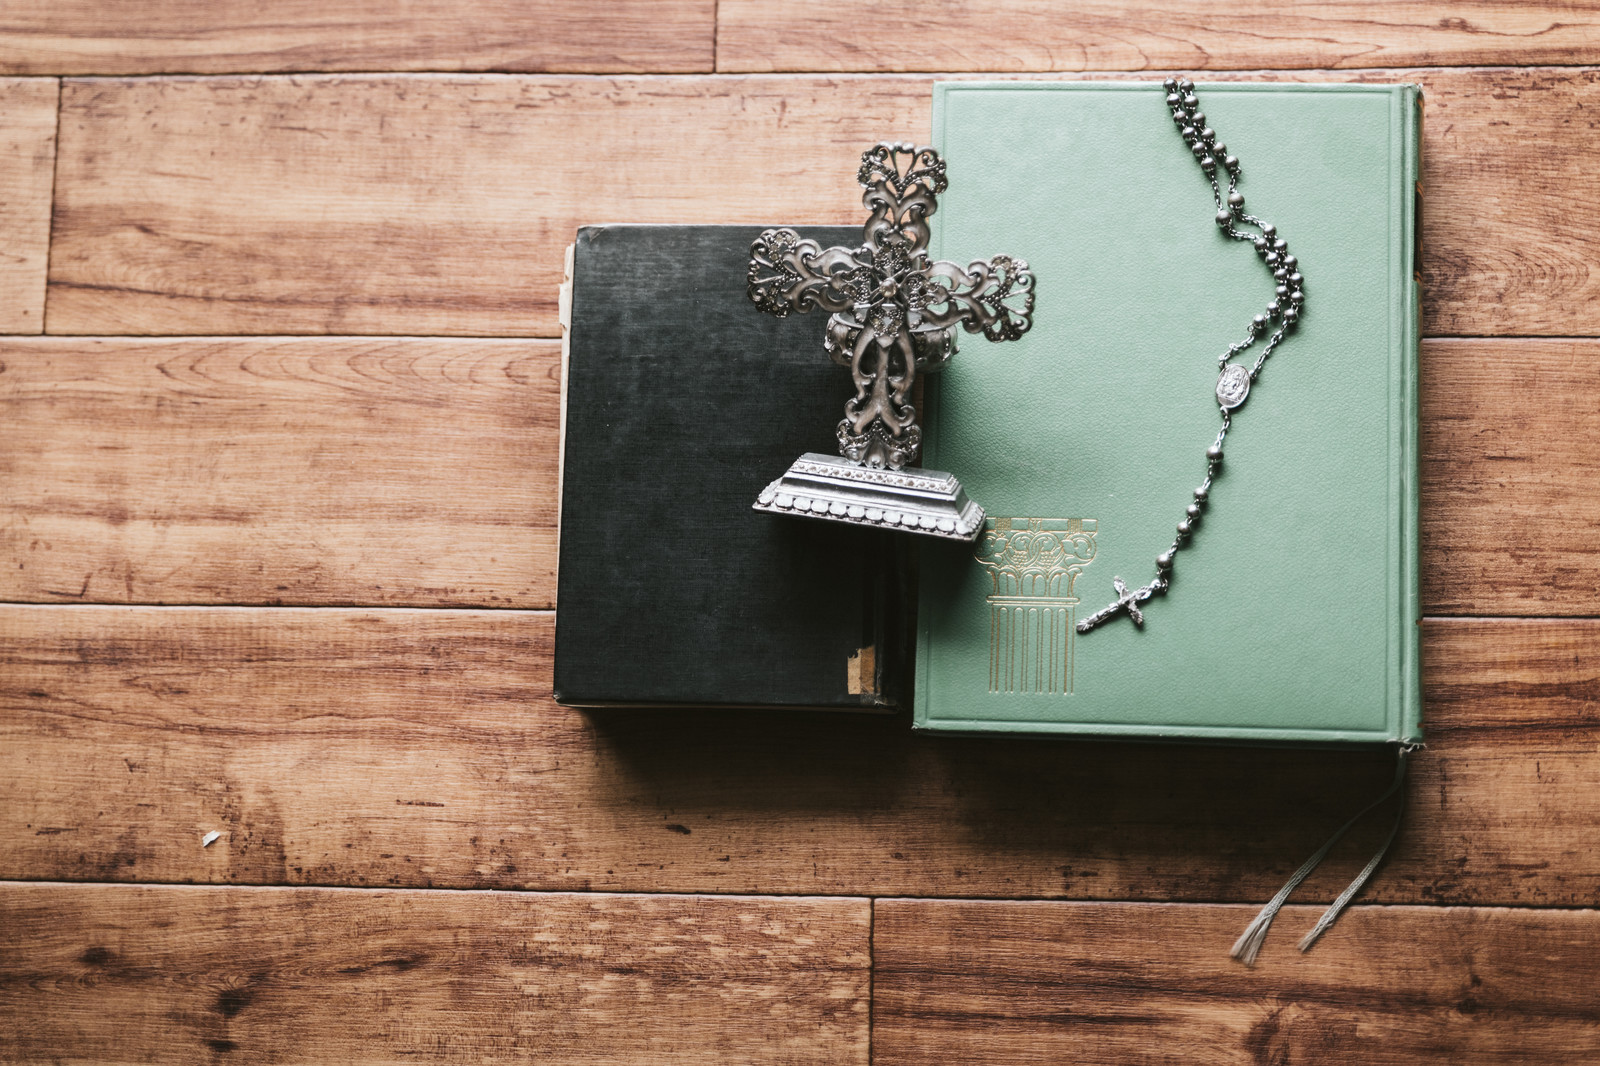 「聖書とロザリオと燭台」の写真